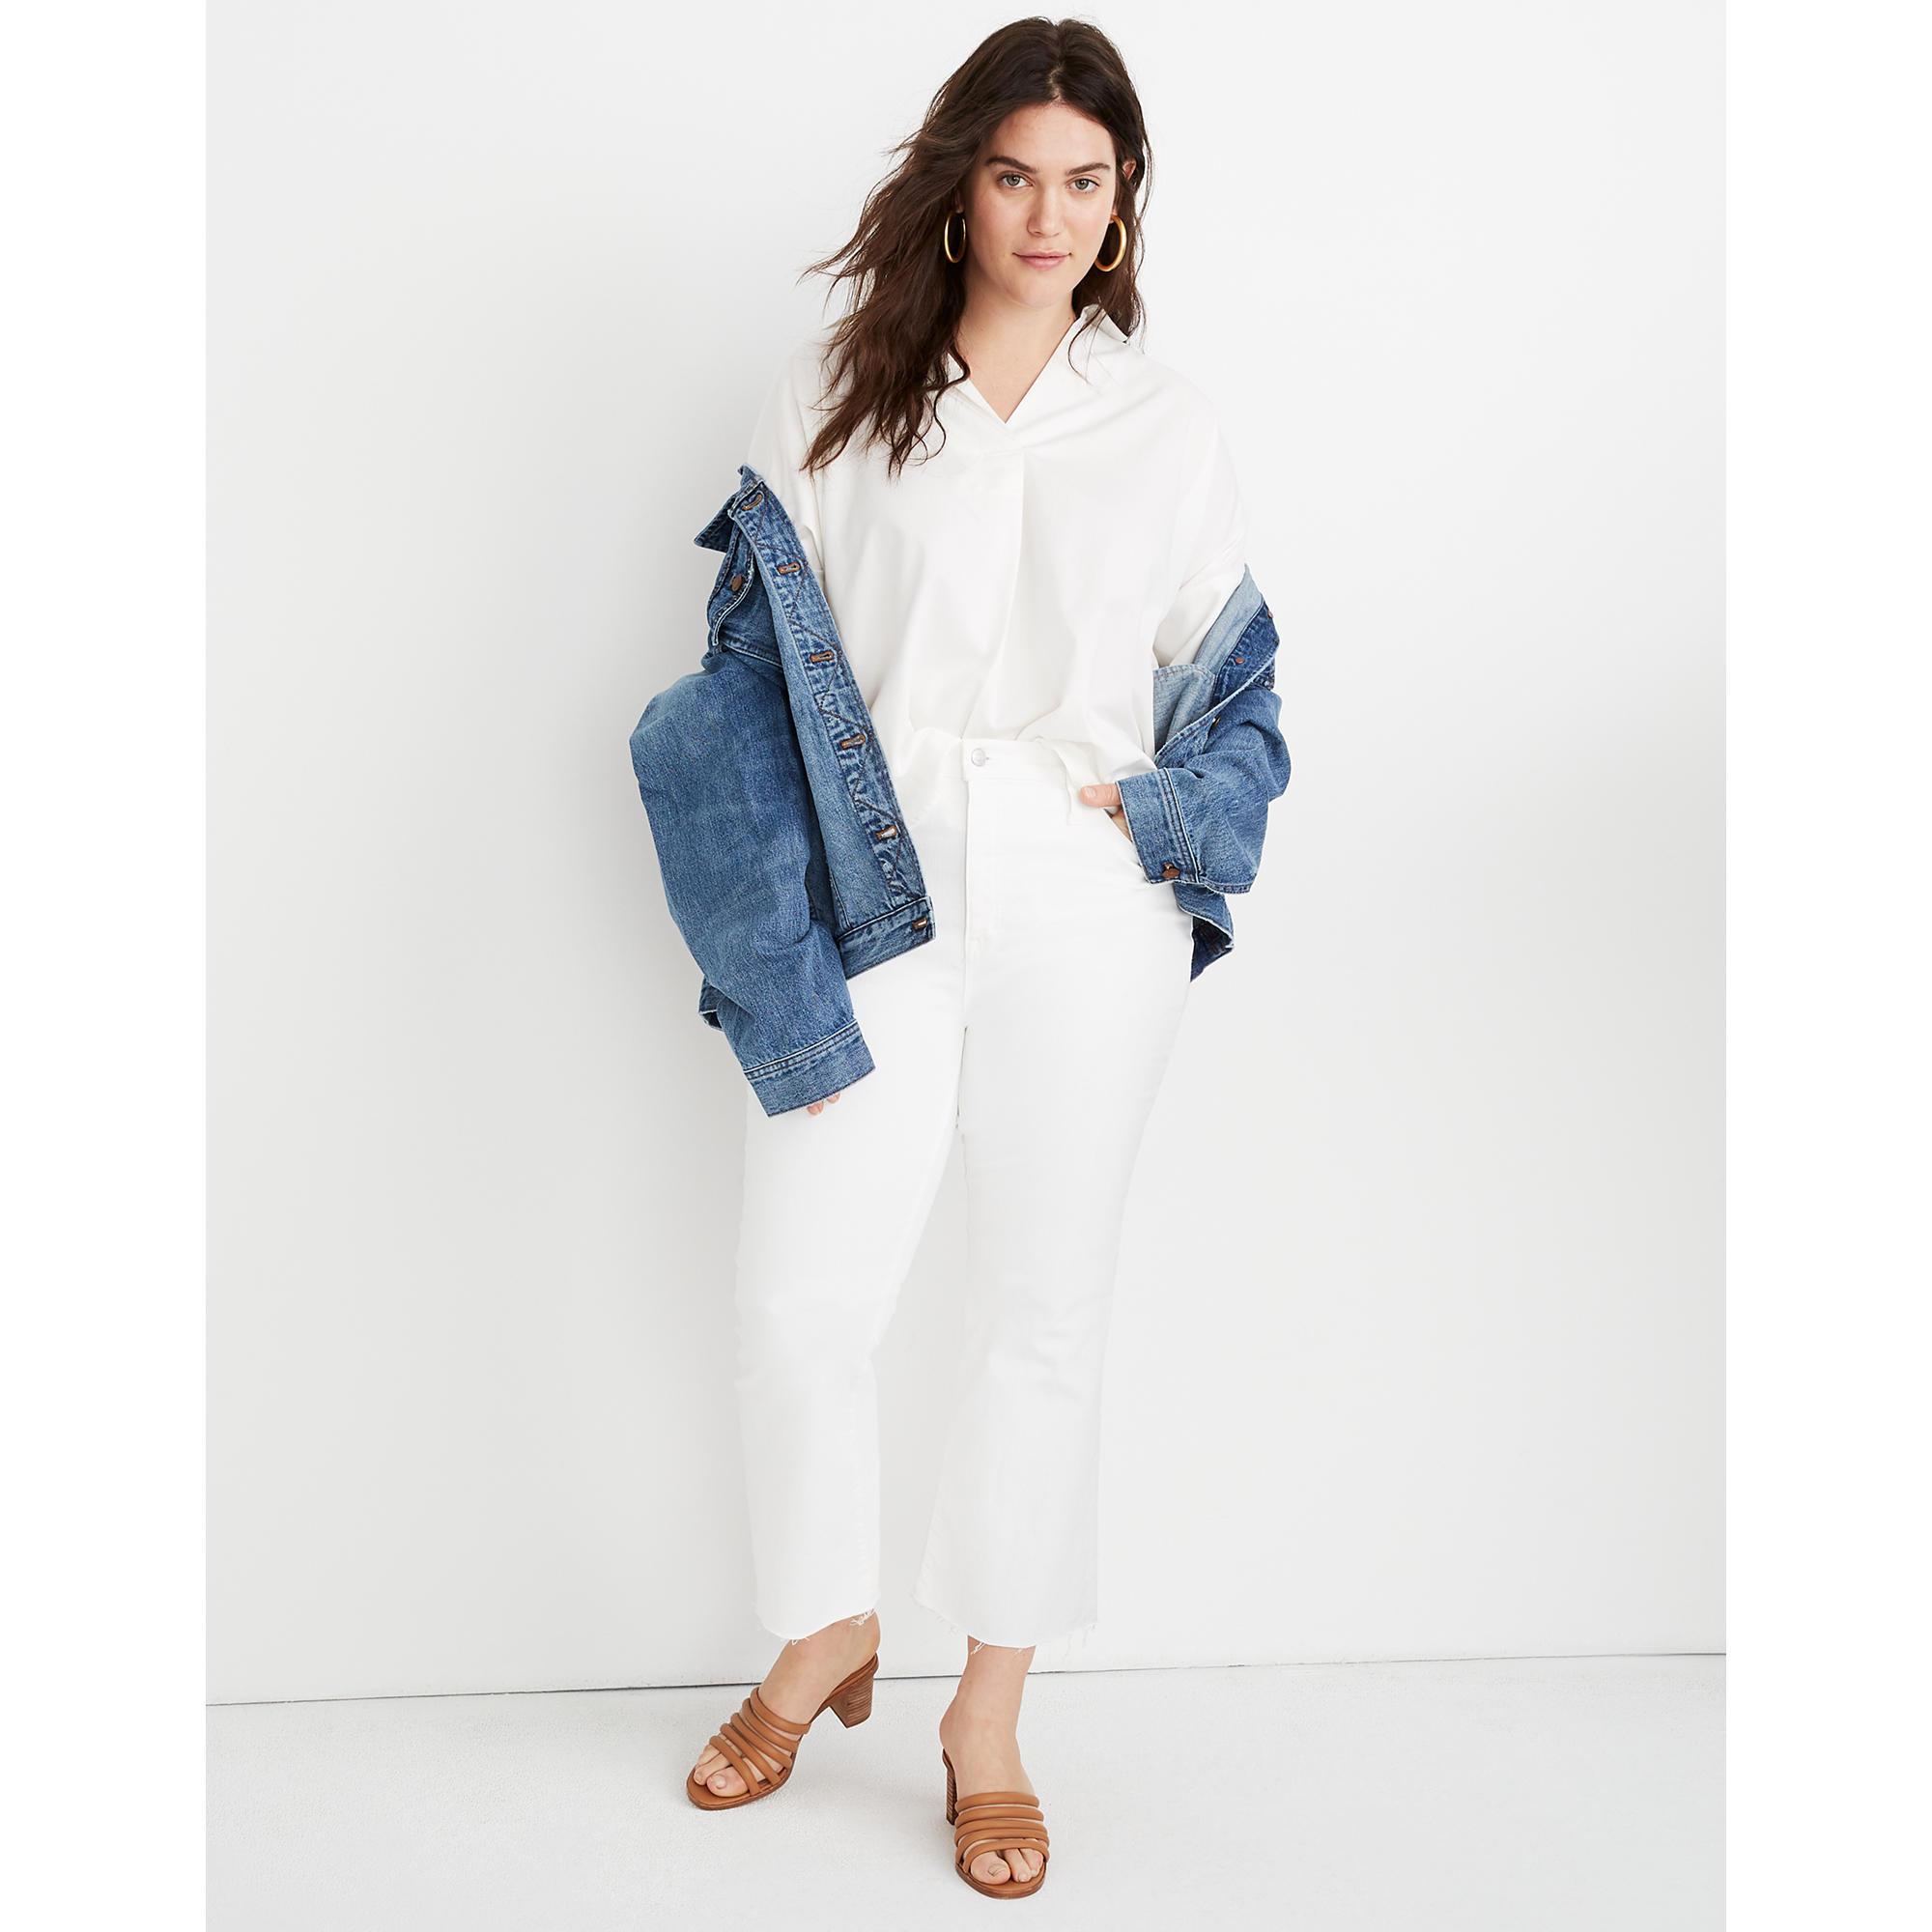 Madewell Cali Demi Boot white Jean